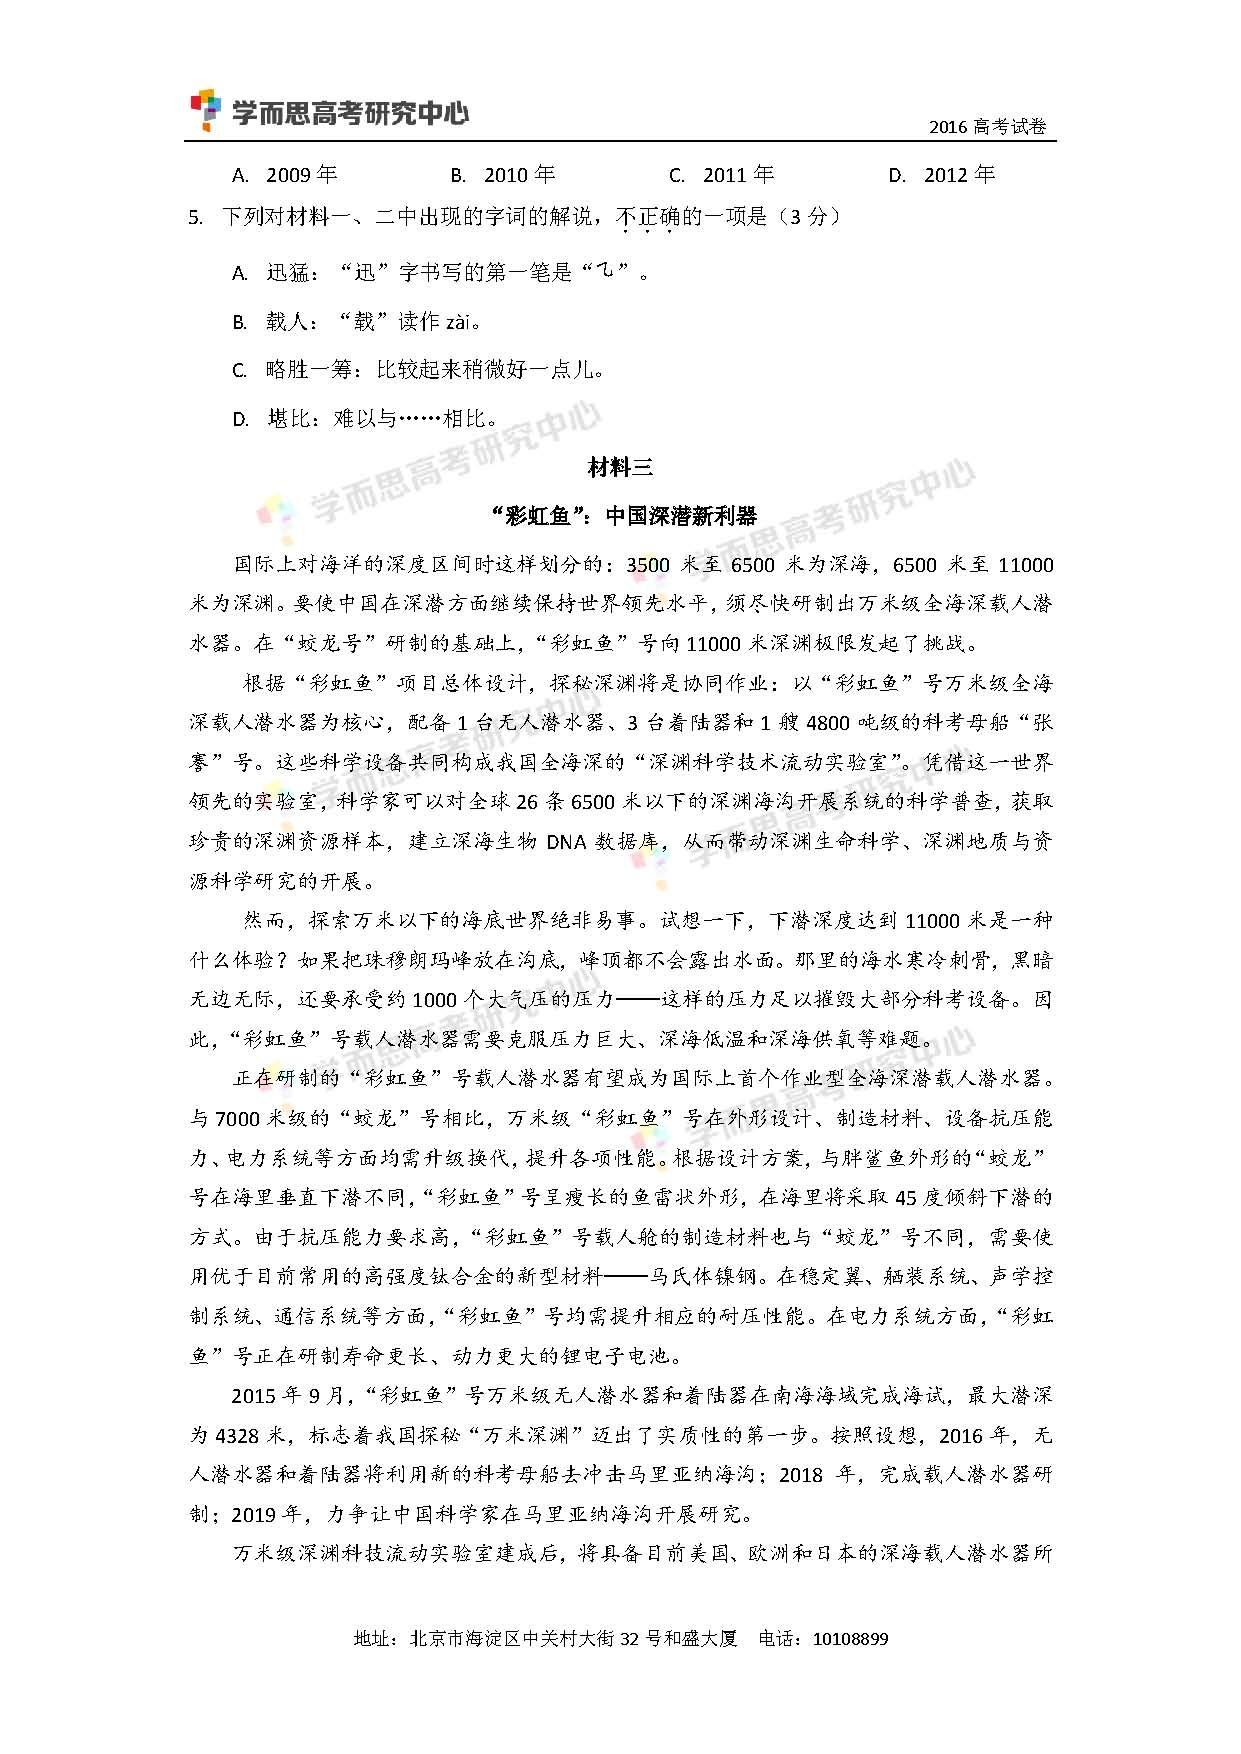 0_页面_03.jpg